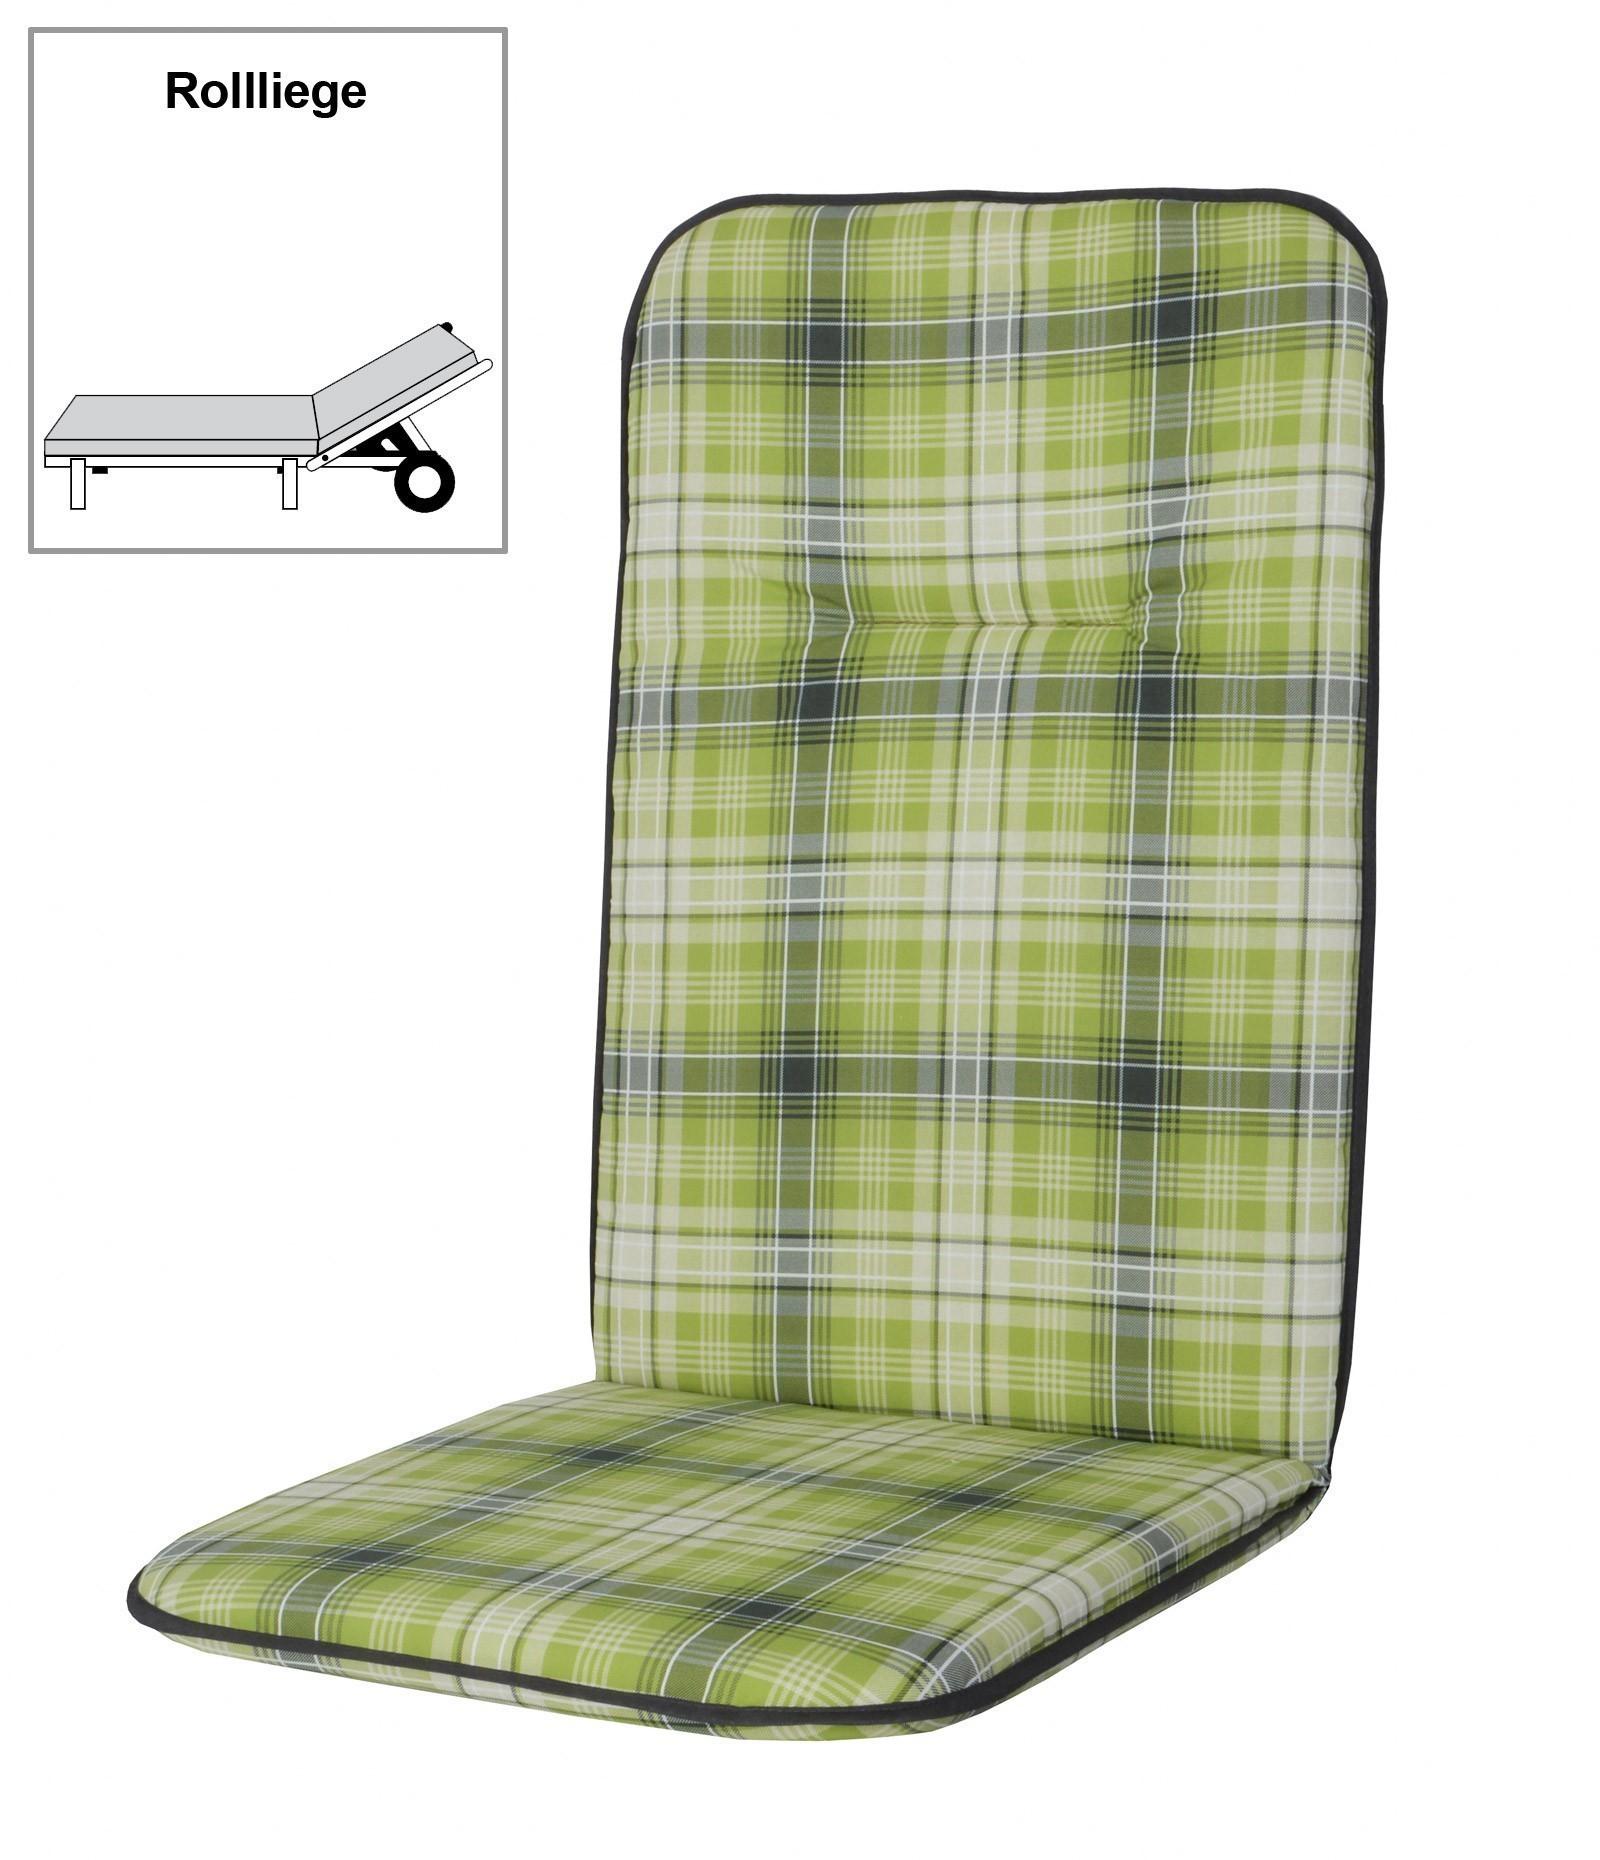 polster auflage f r gartenm bel gartenliege des basic 5900 bei. Black Bedroom Furniture Sets. Home Design Ideas